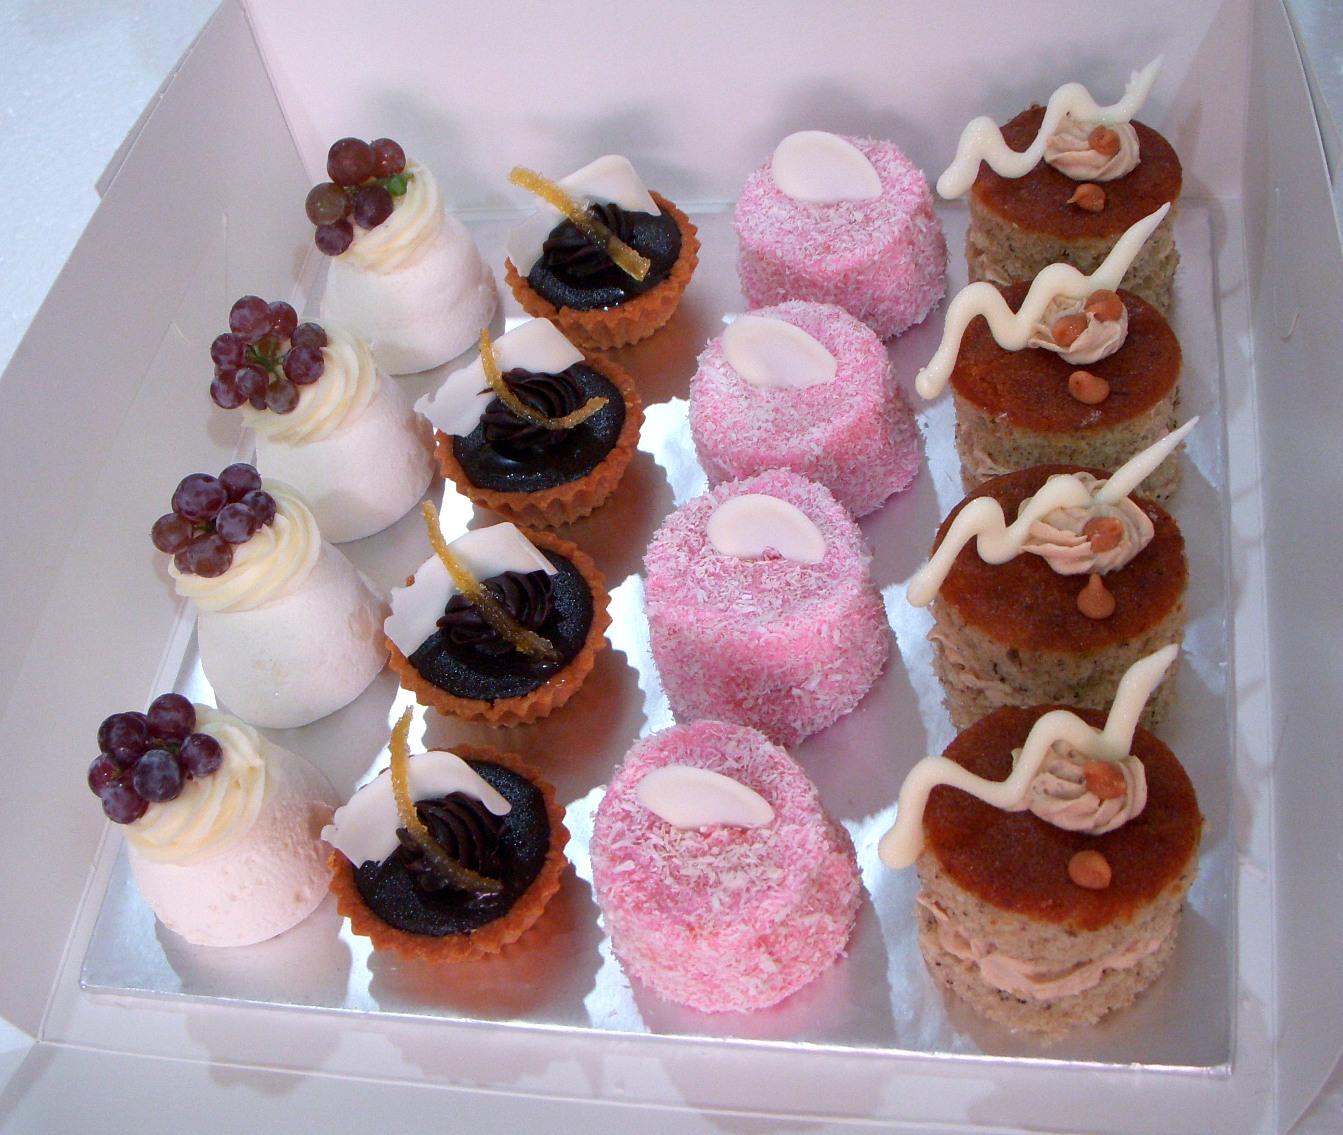 Bearylicious Cakes: Dessert Platter 3